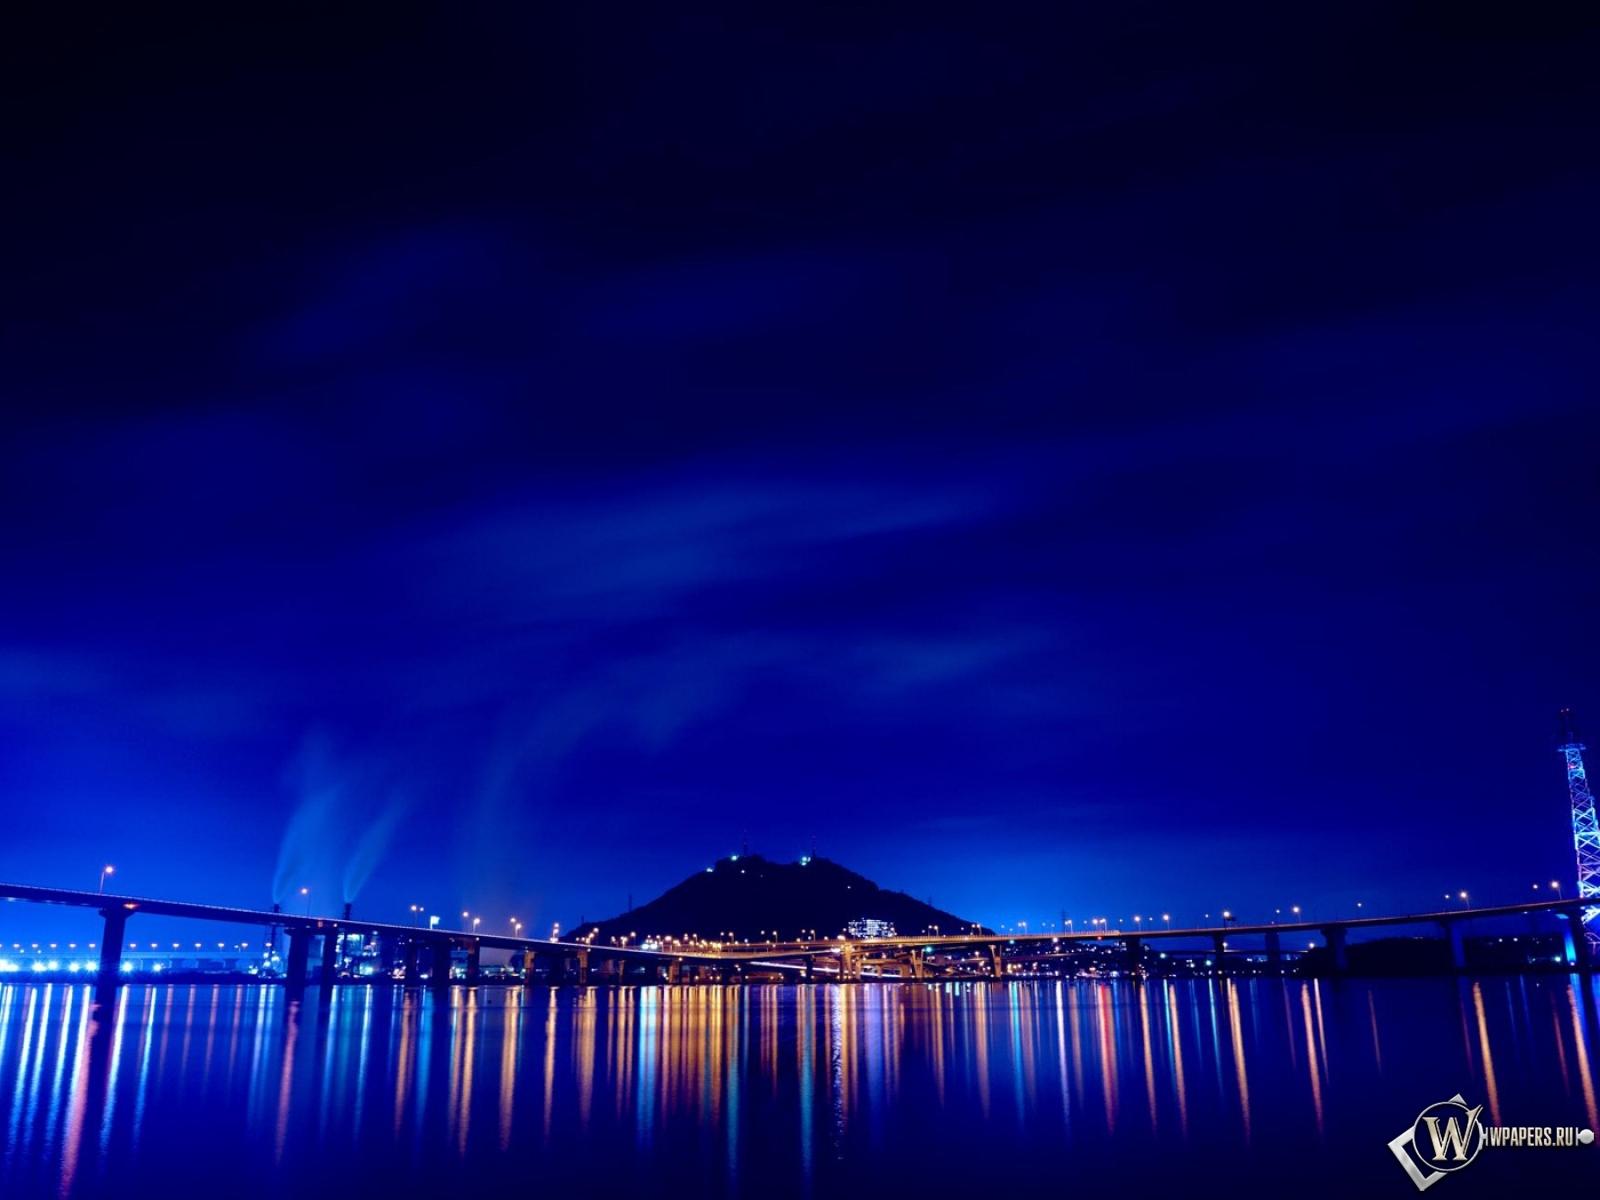 Мост огни ночь  № 3716525 загрузить